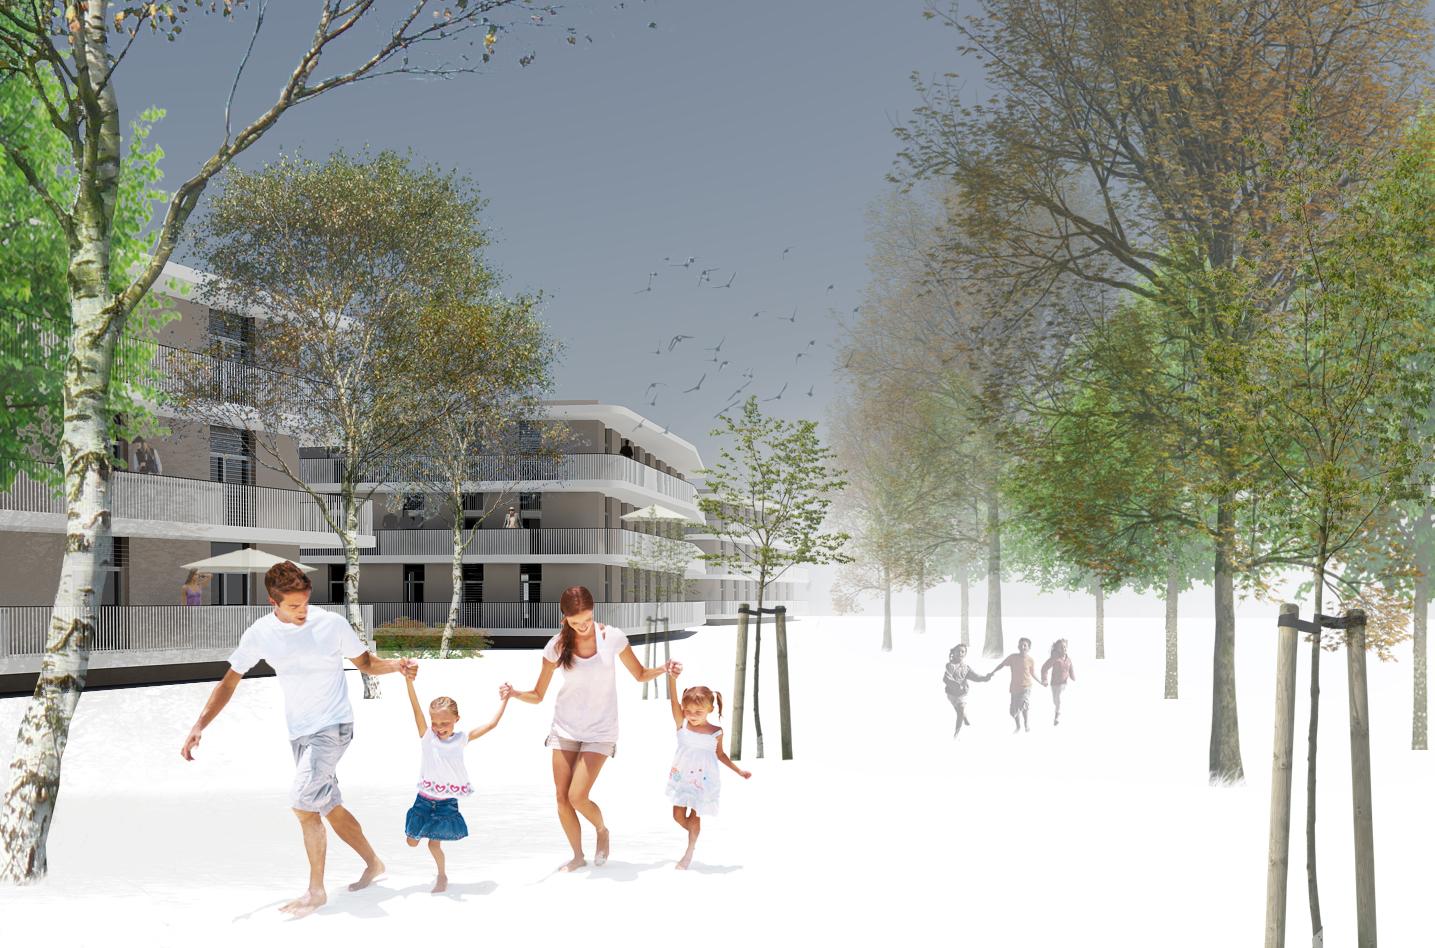 Achitekturwettbewerb Woa Grune Allee Villach Toralf Fercher Architekt